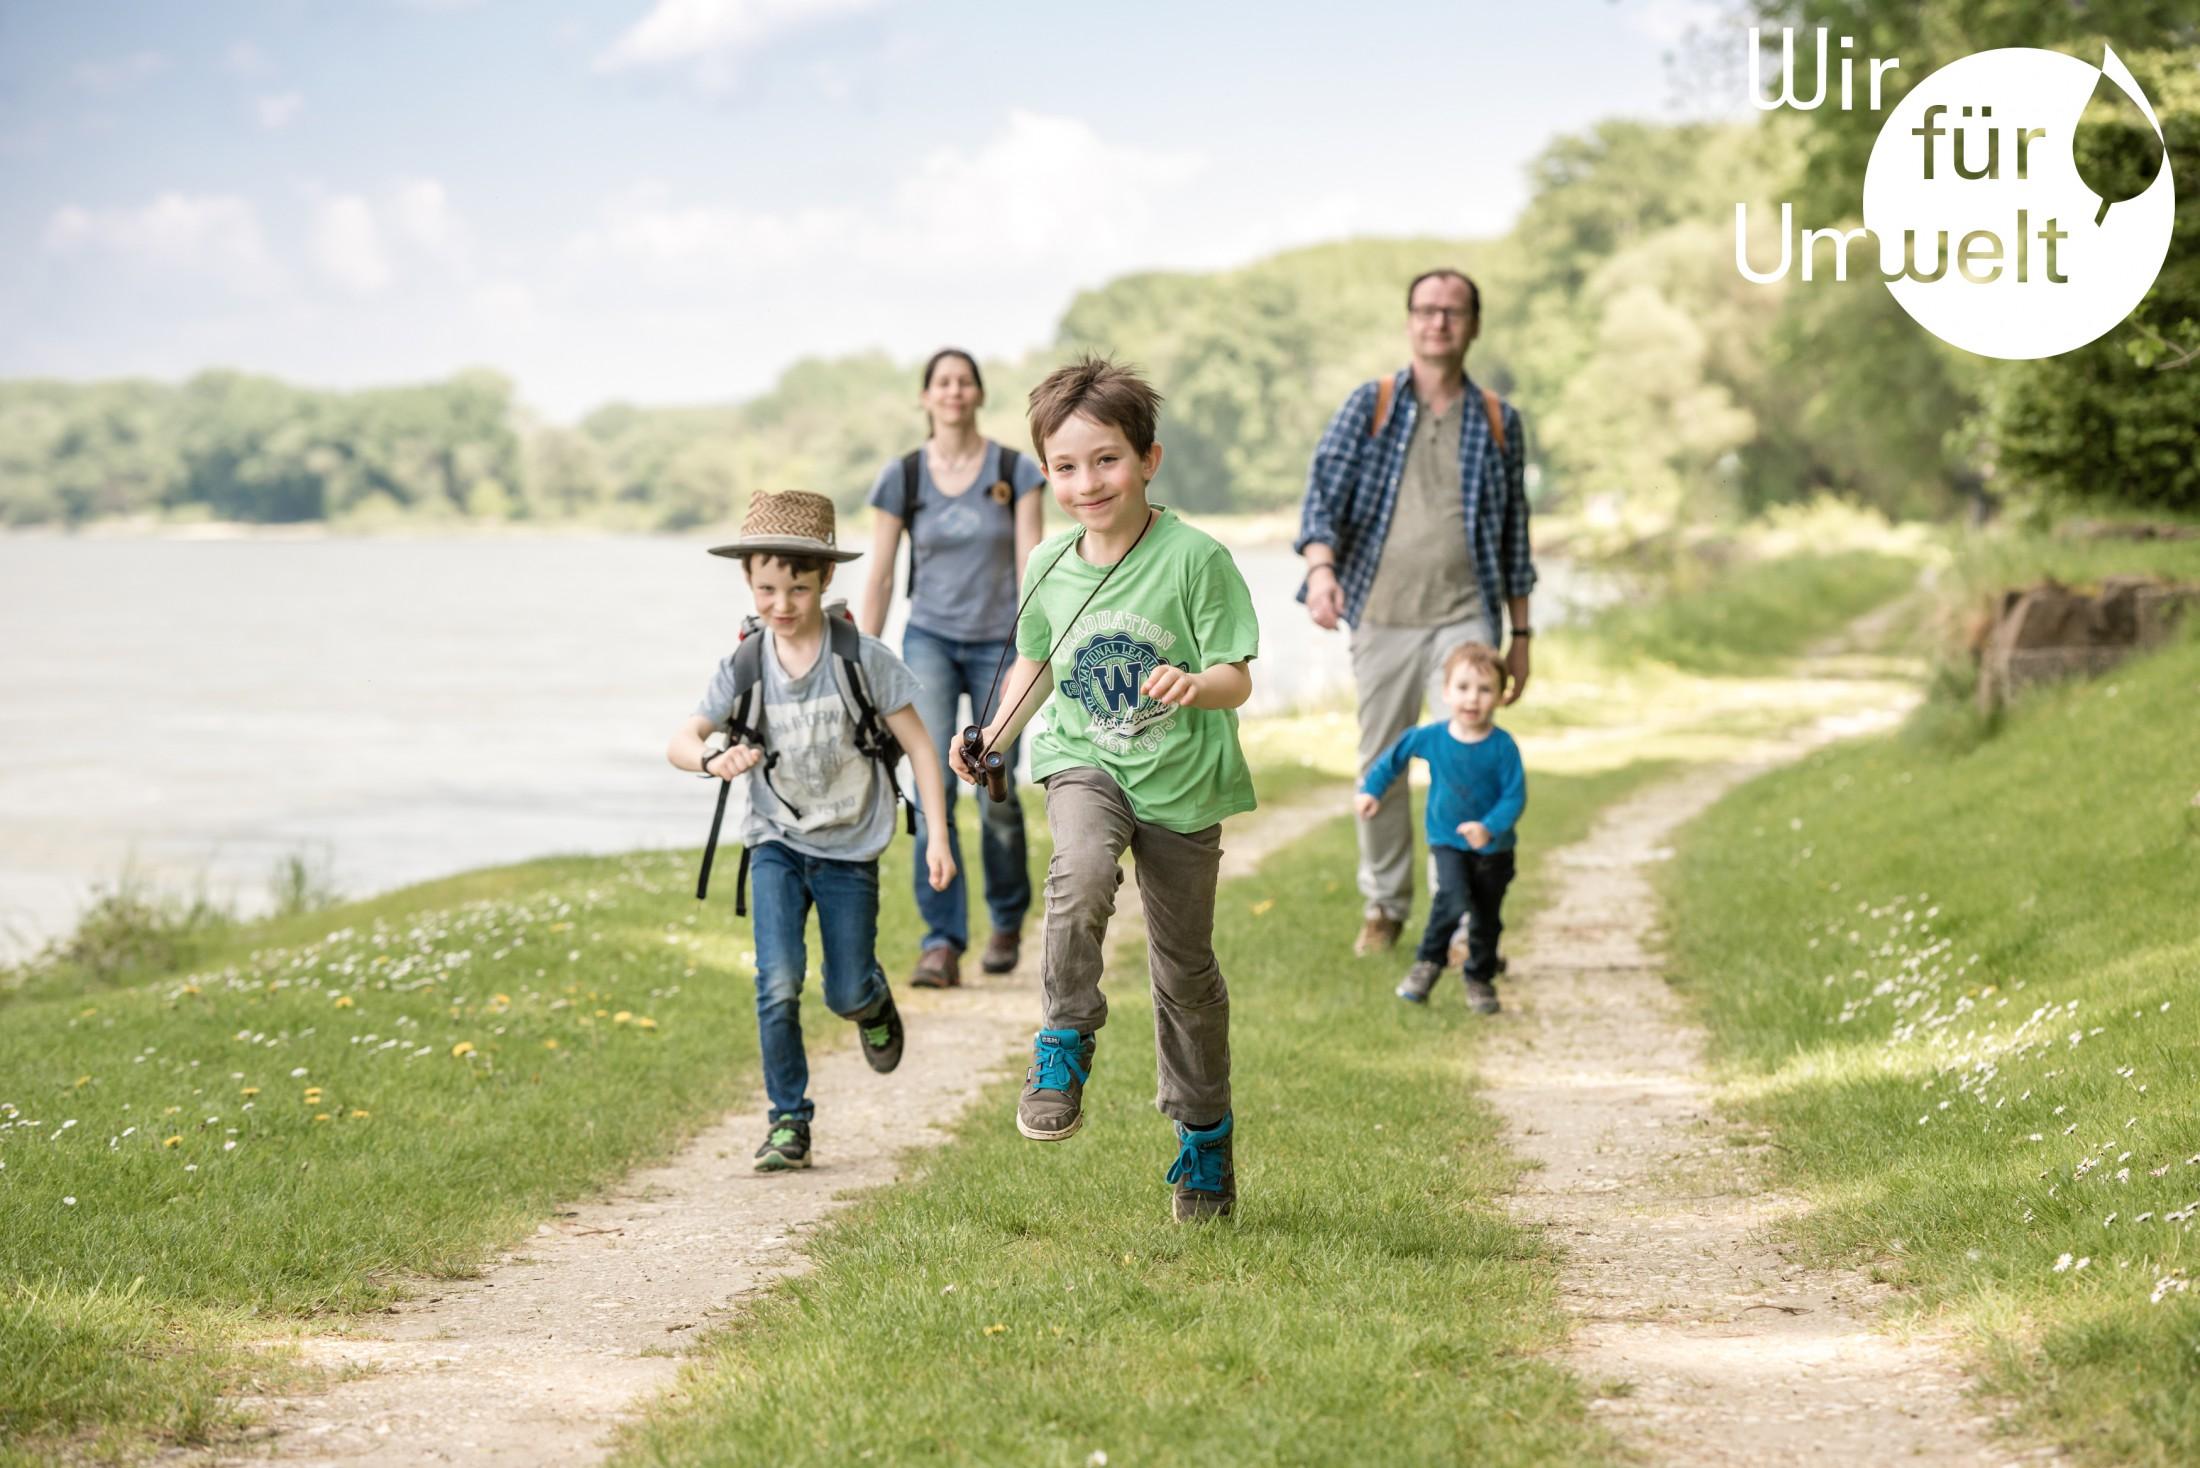 Wir für Umwelt – Charity Walk 2017